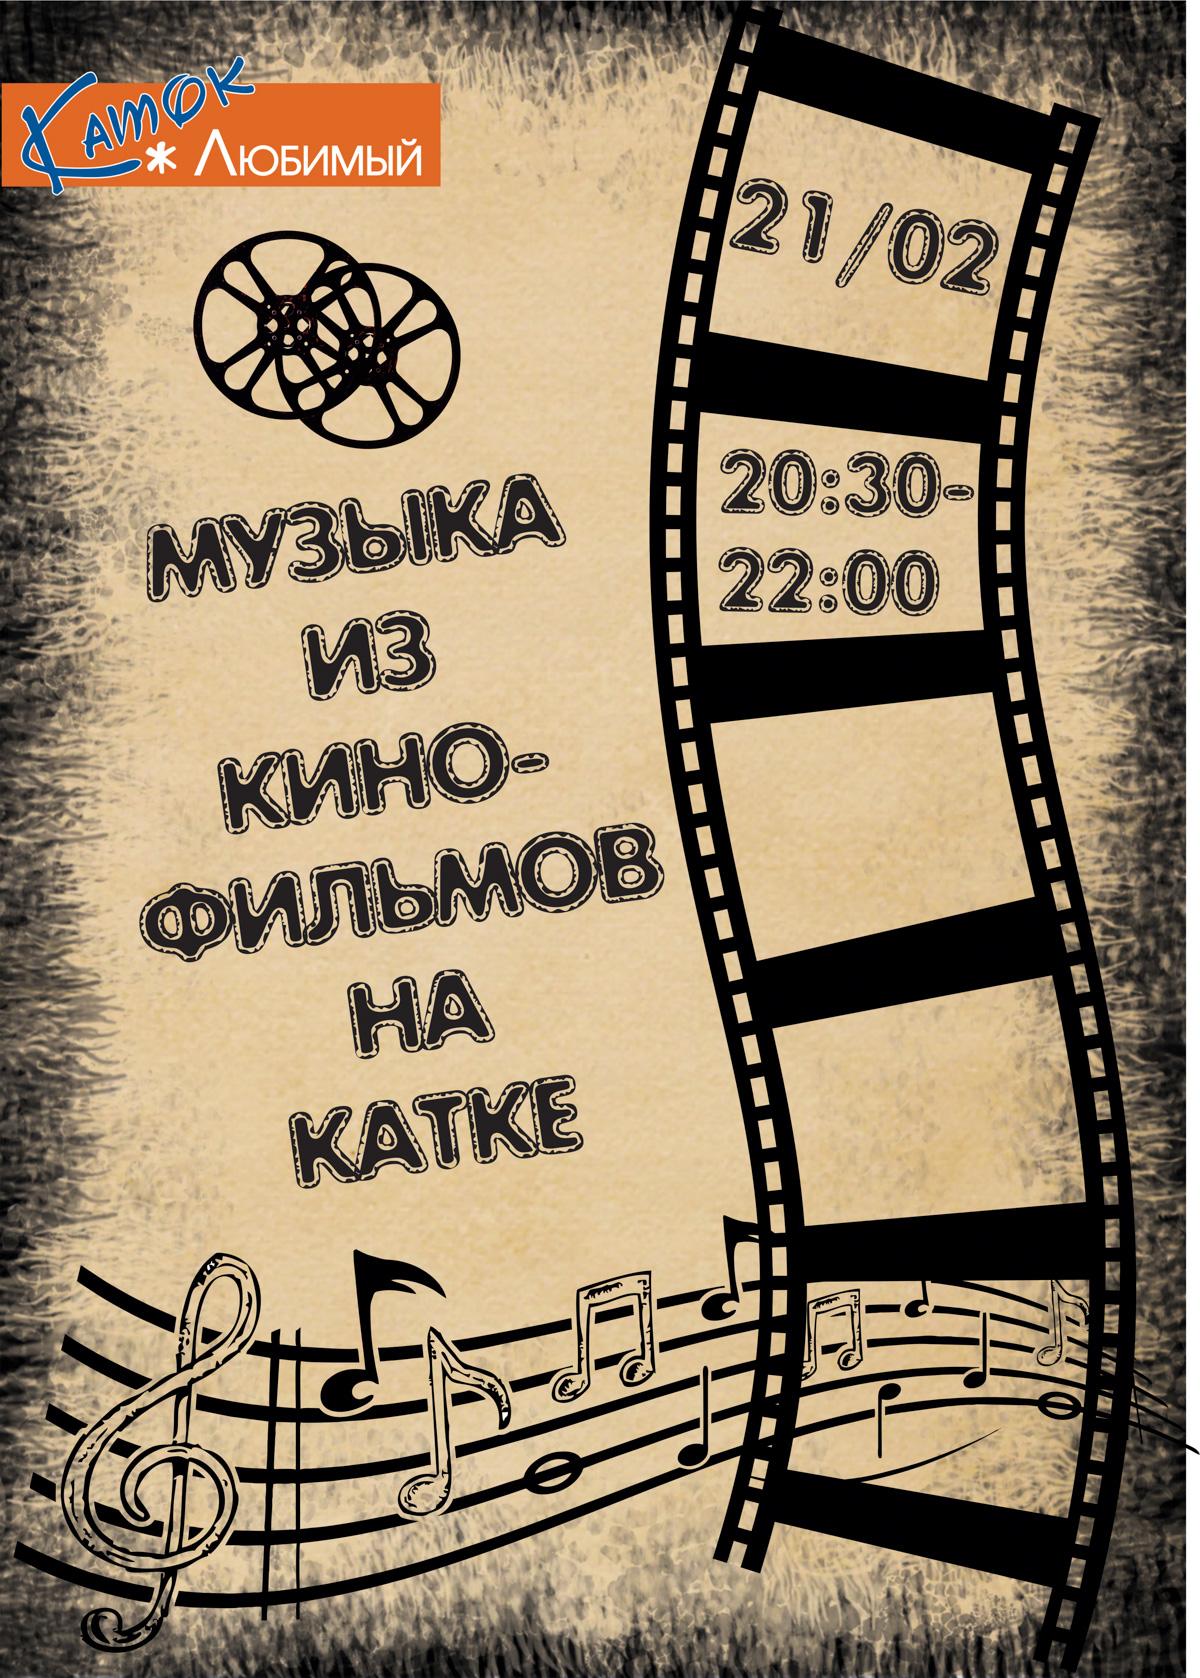 Сеанс музыки из кинофильмов на катке «Любимый»